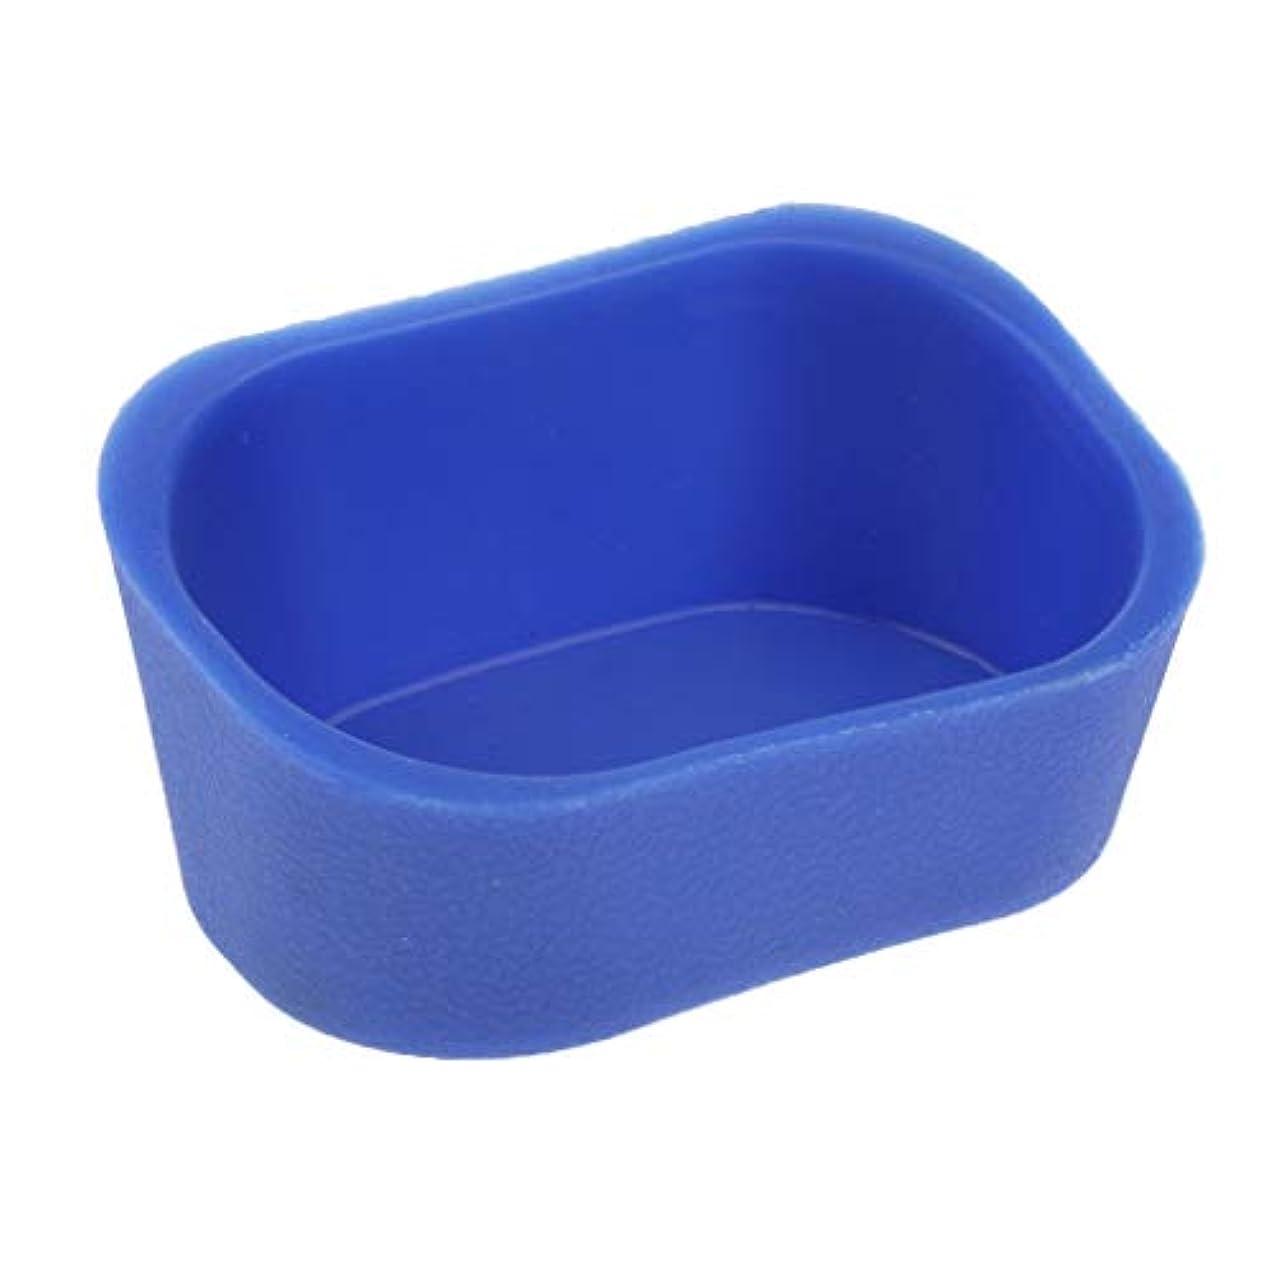 寝室を掃除する森人道的サロンネックピロー シャンプーボウル ネックレス クッション ピロー サロン 5色選べ - 青